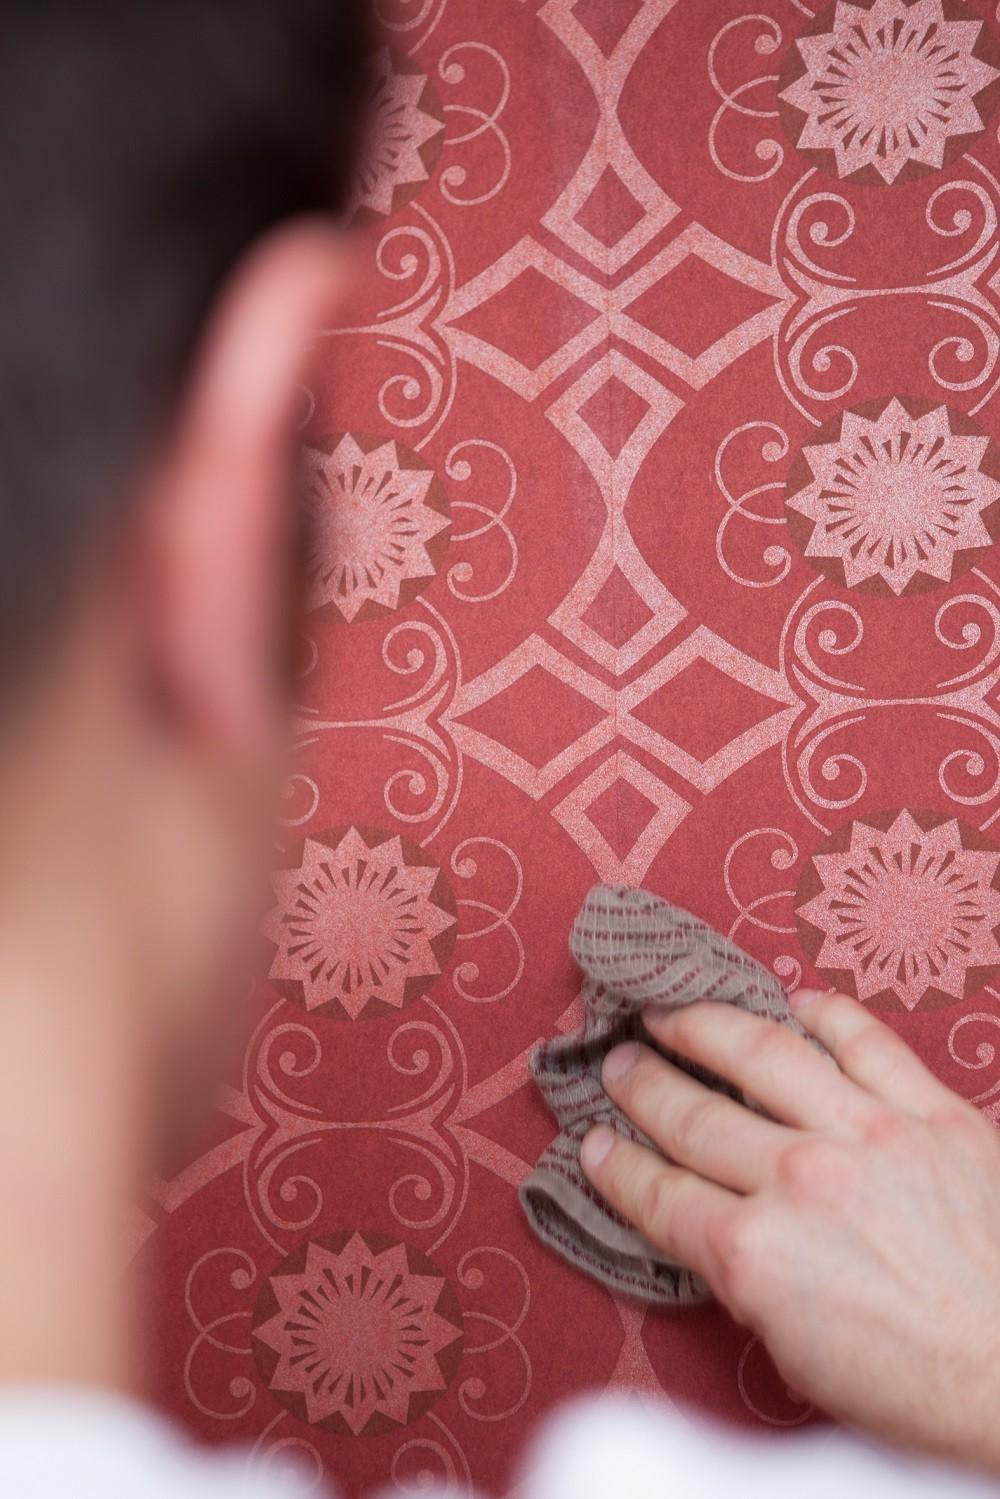 Hoe behangen? 7: verwijder lijmresten onmiddellijk